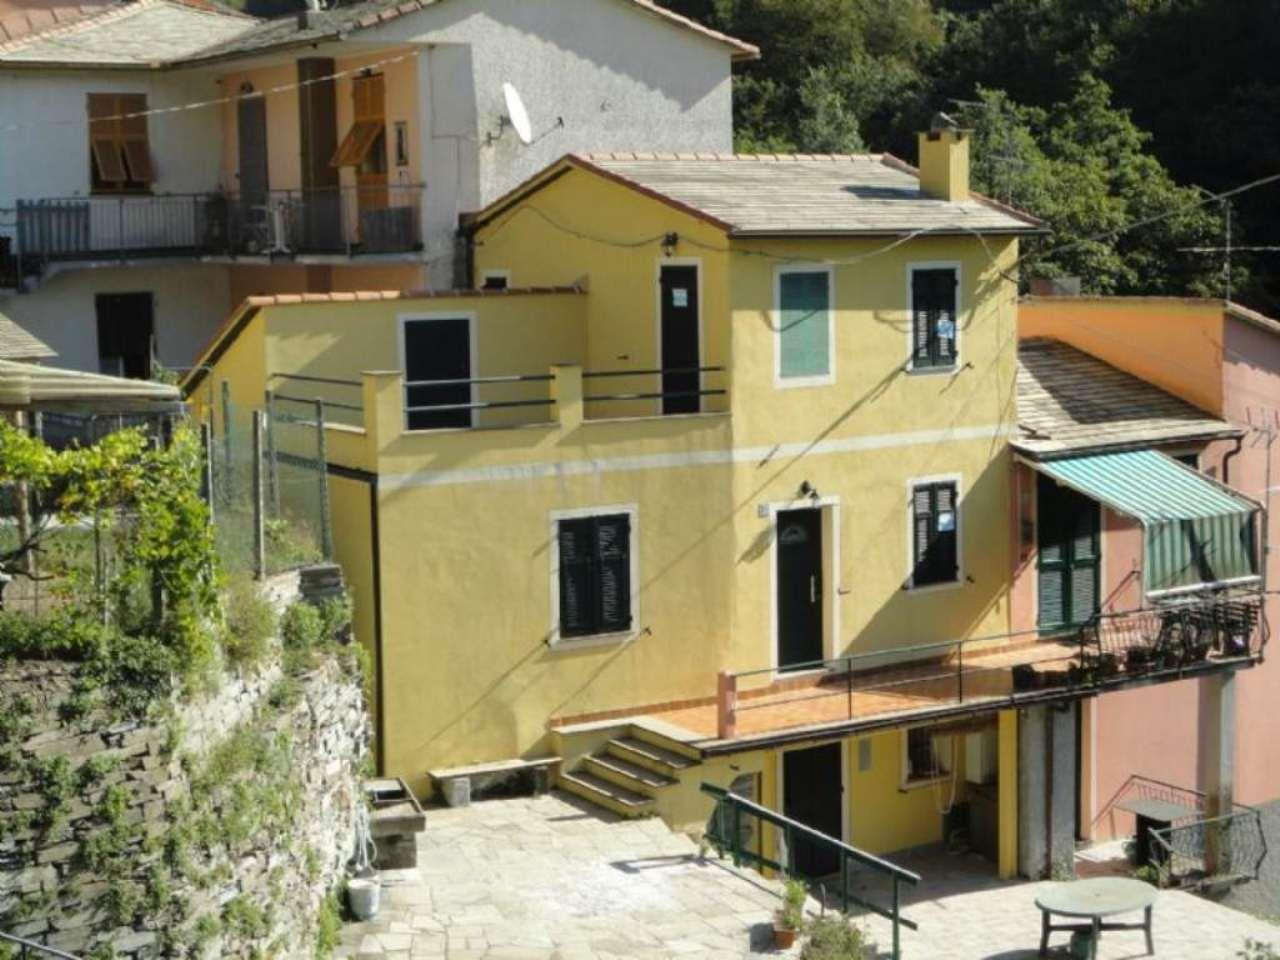 Soluzione Indipendente in vendita a Lorsica, 4 locali, prezzo € 168.000 | Cambio Casa.it